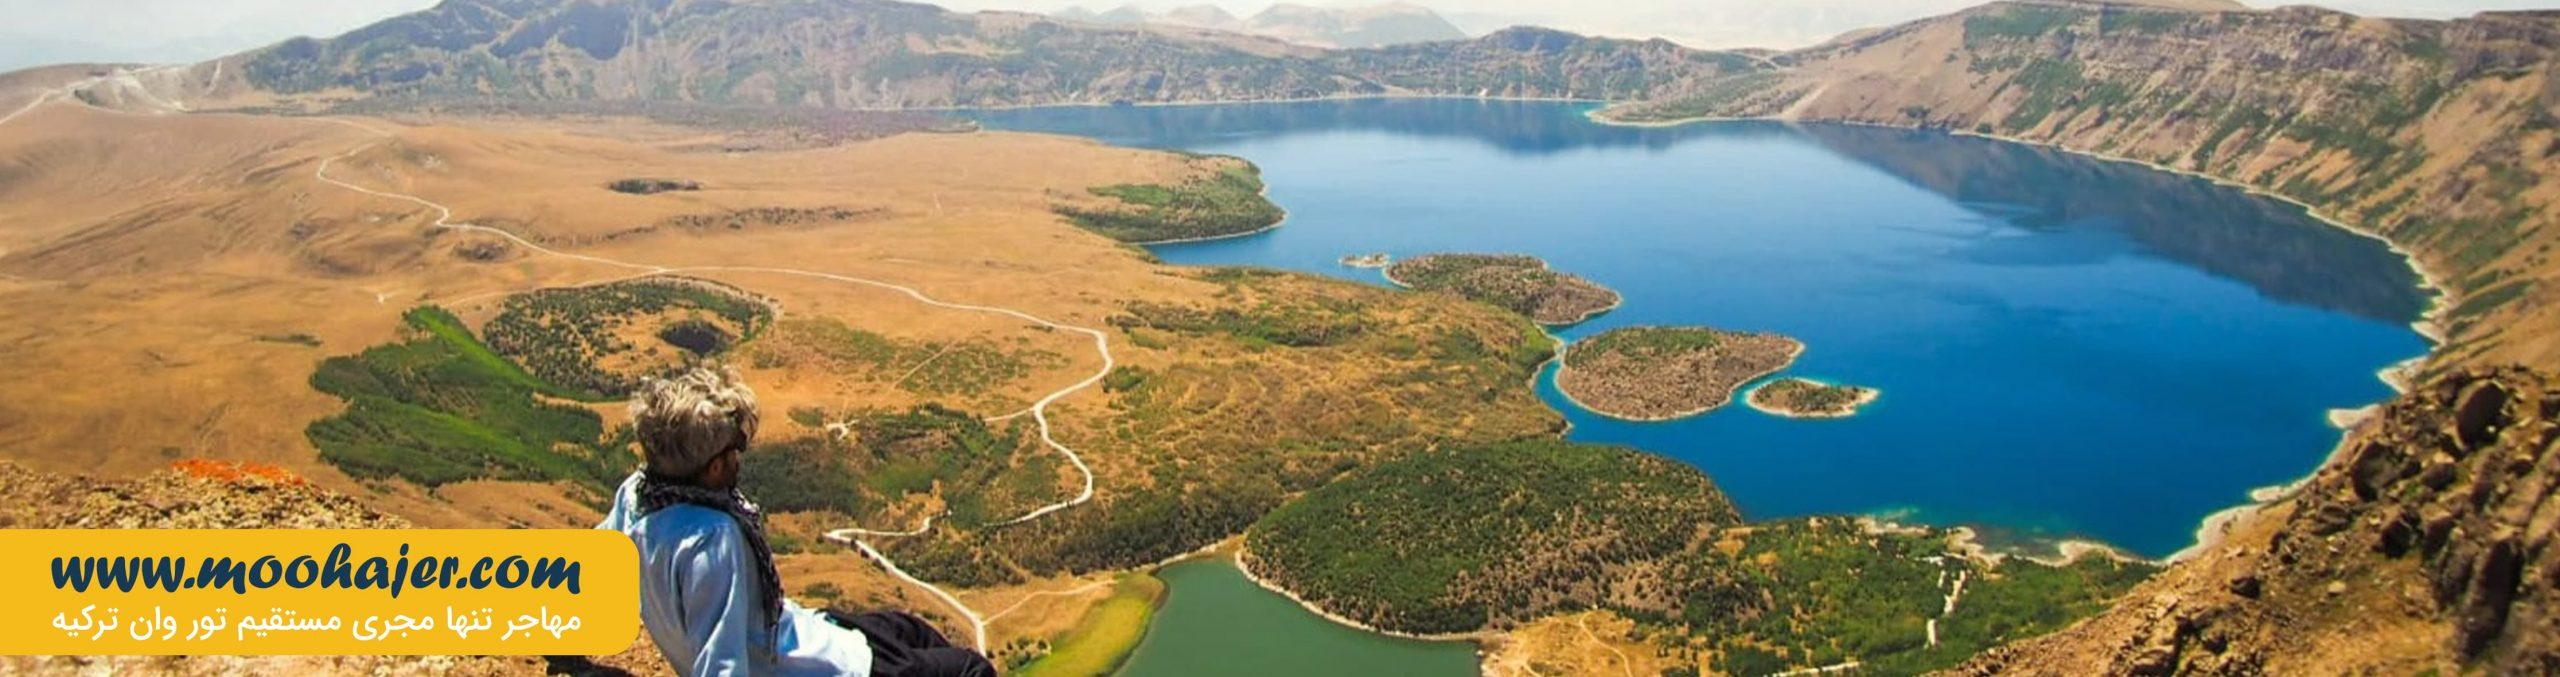 دریاچه آتشفشانی نمرود | Nemrut Gölü